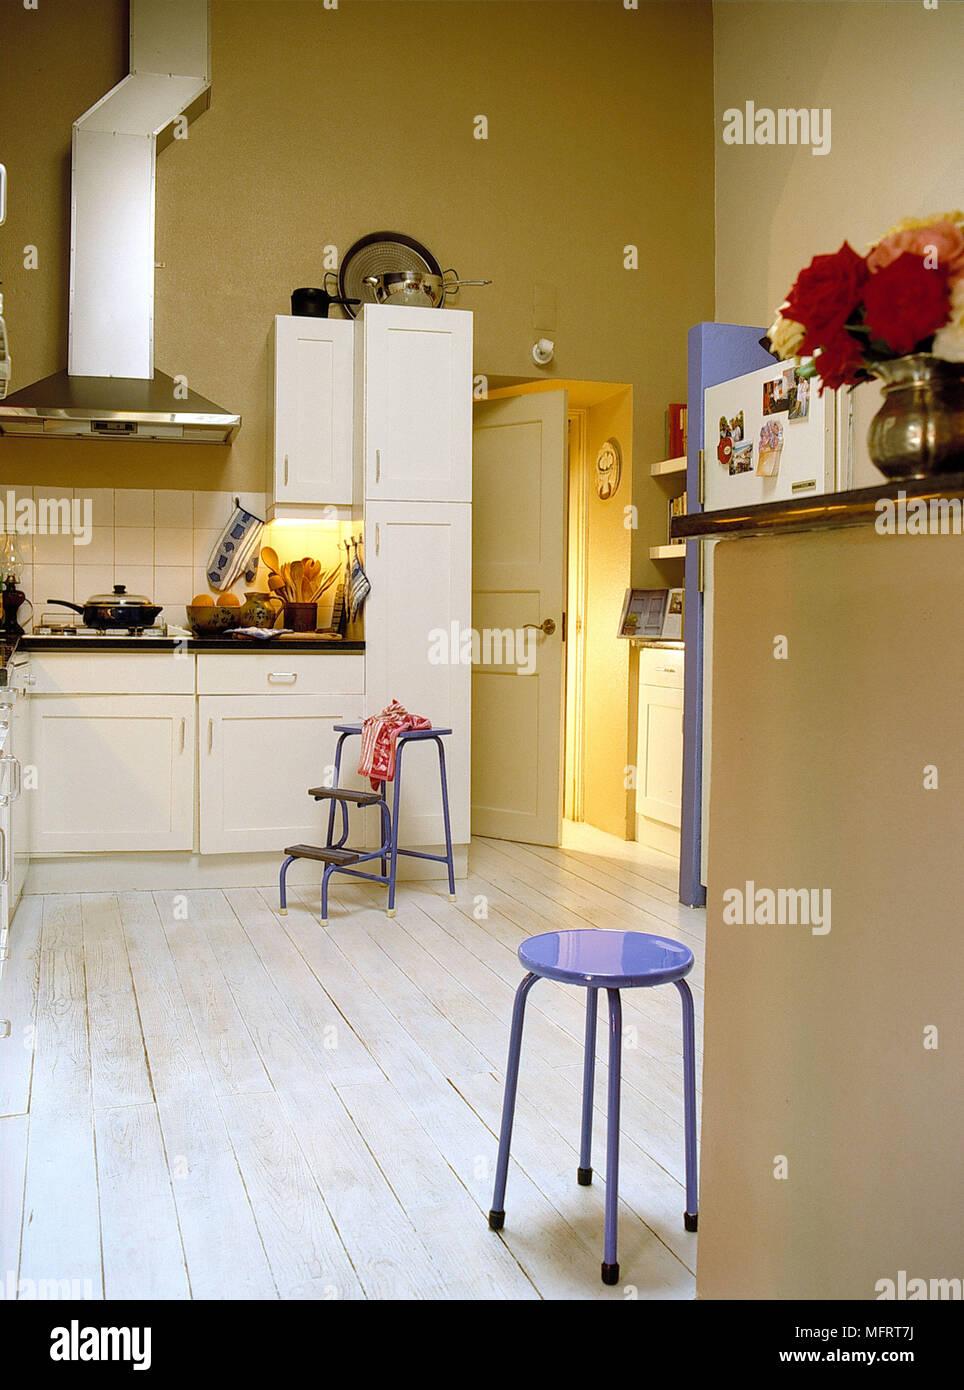 Cucina con pareti gialle e le unità bianche Foto & Immagine Stock ...